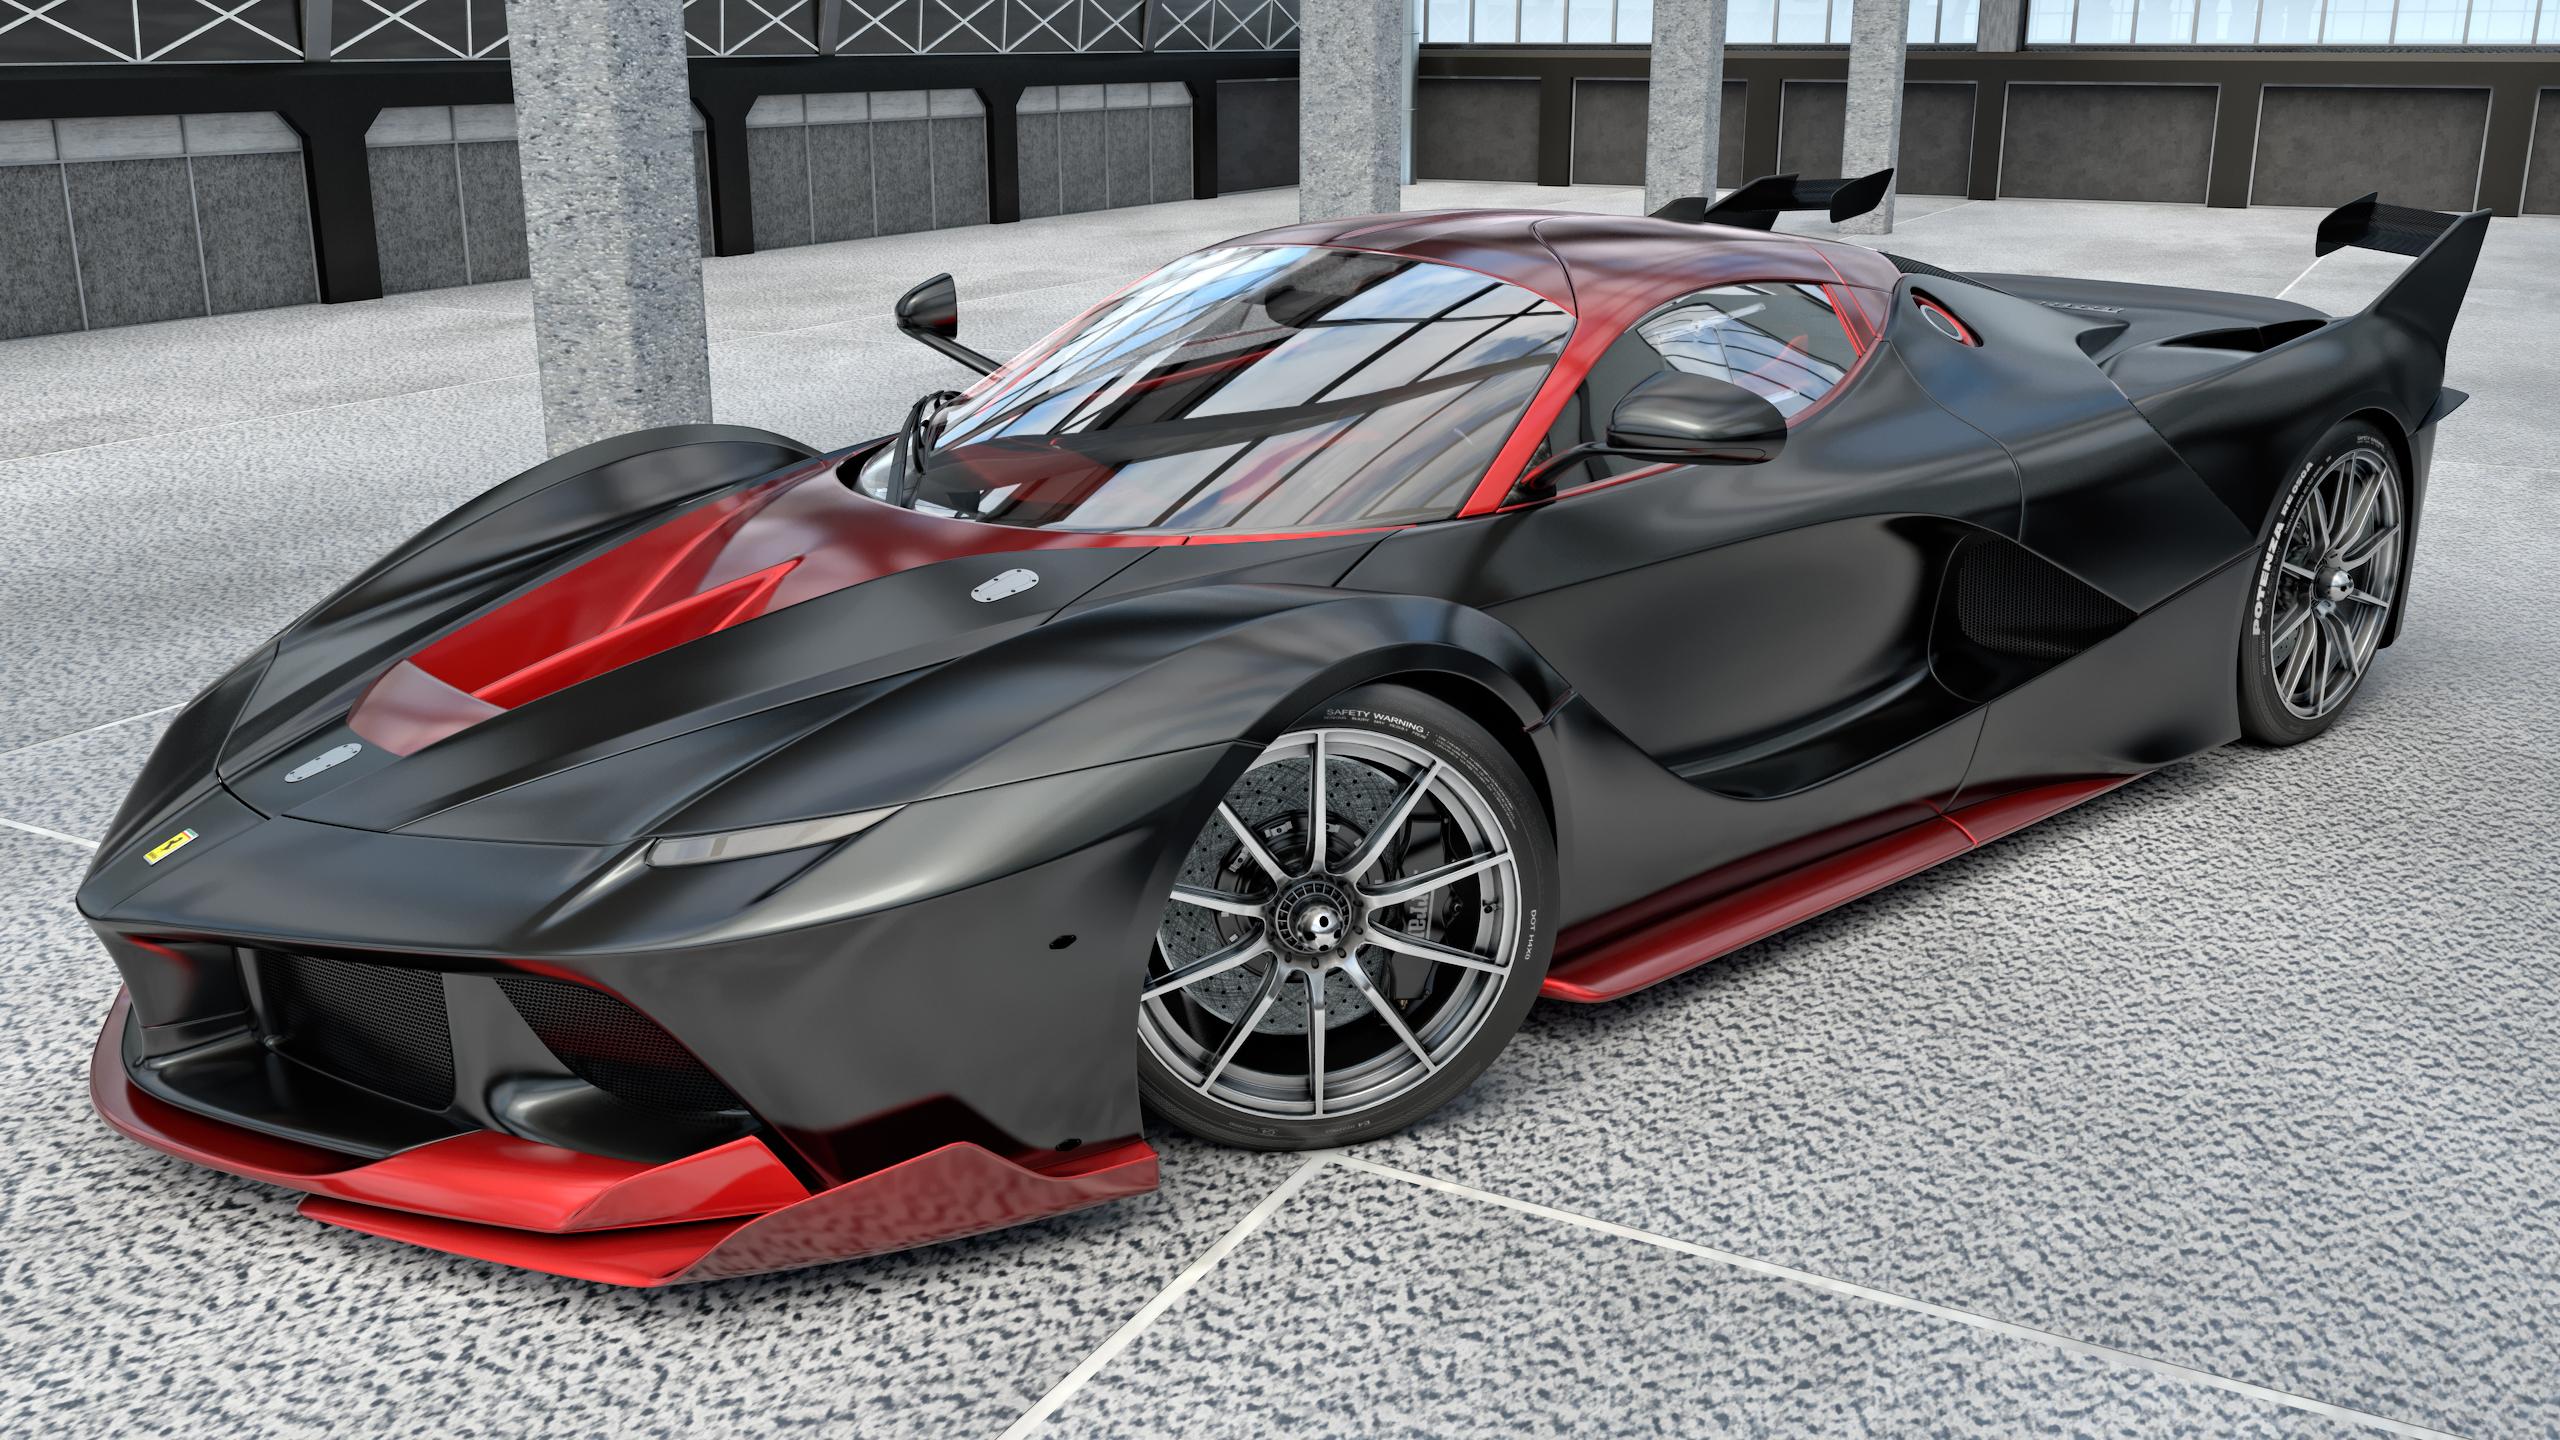 Image Result For Wallpaper Sport Car